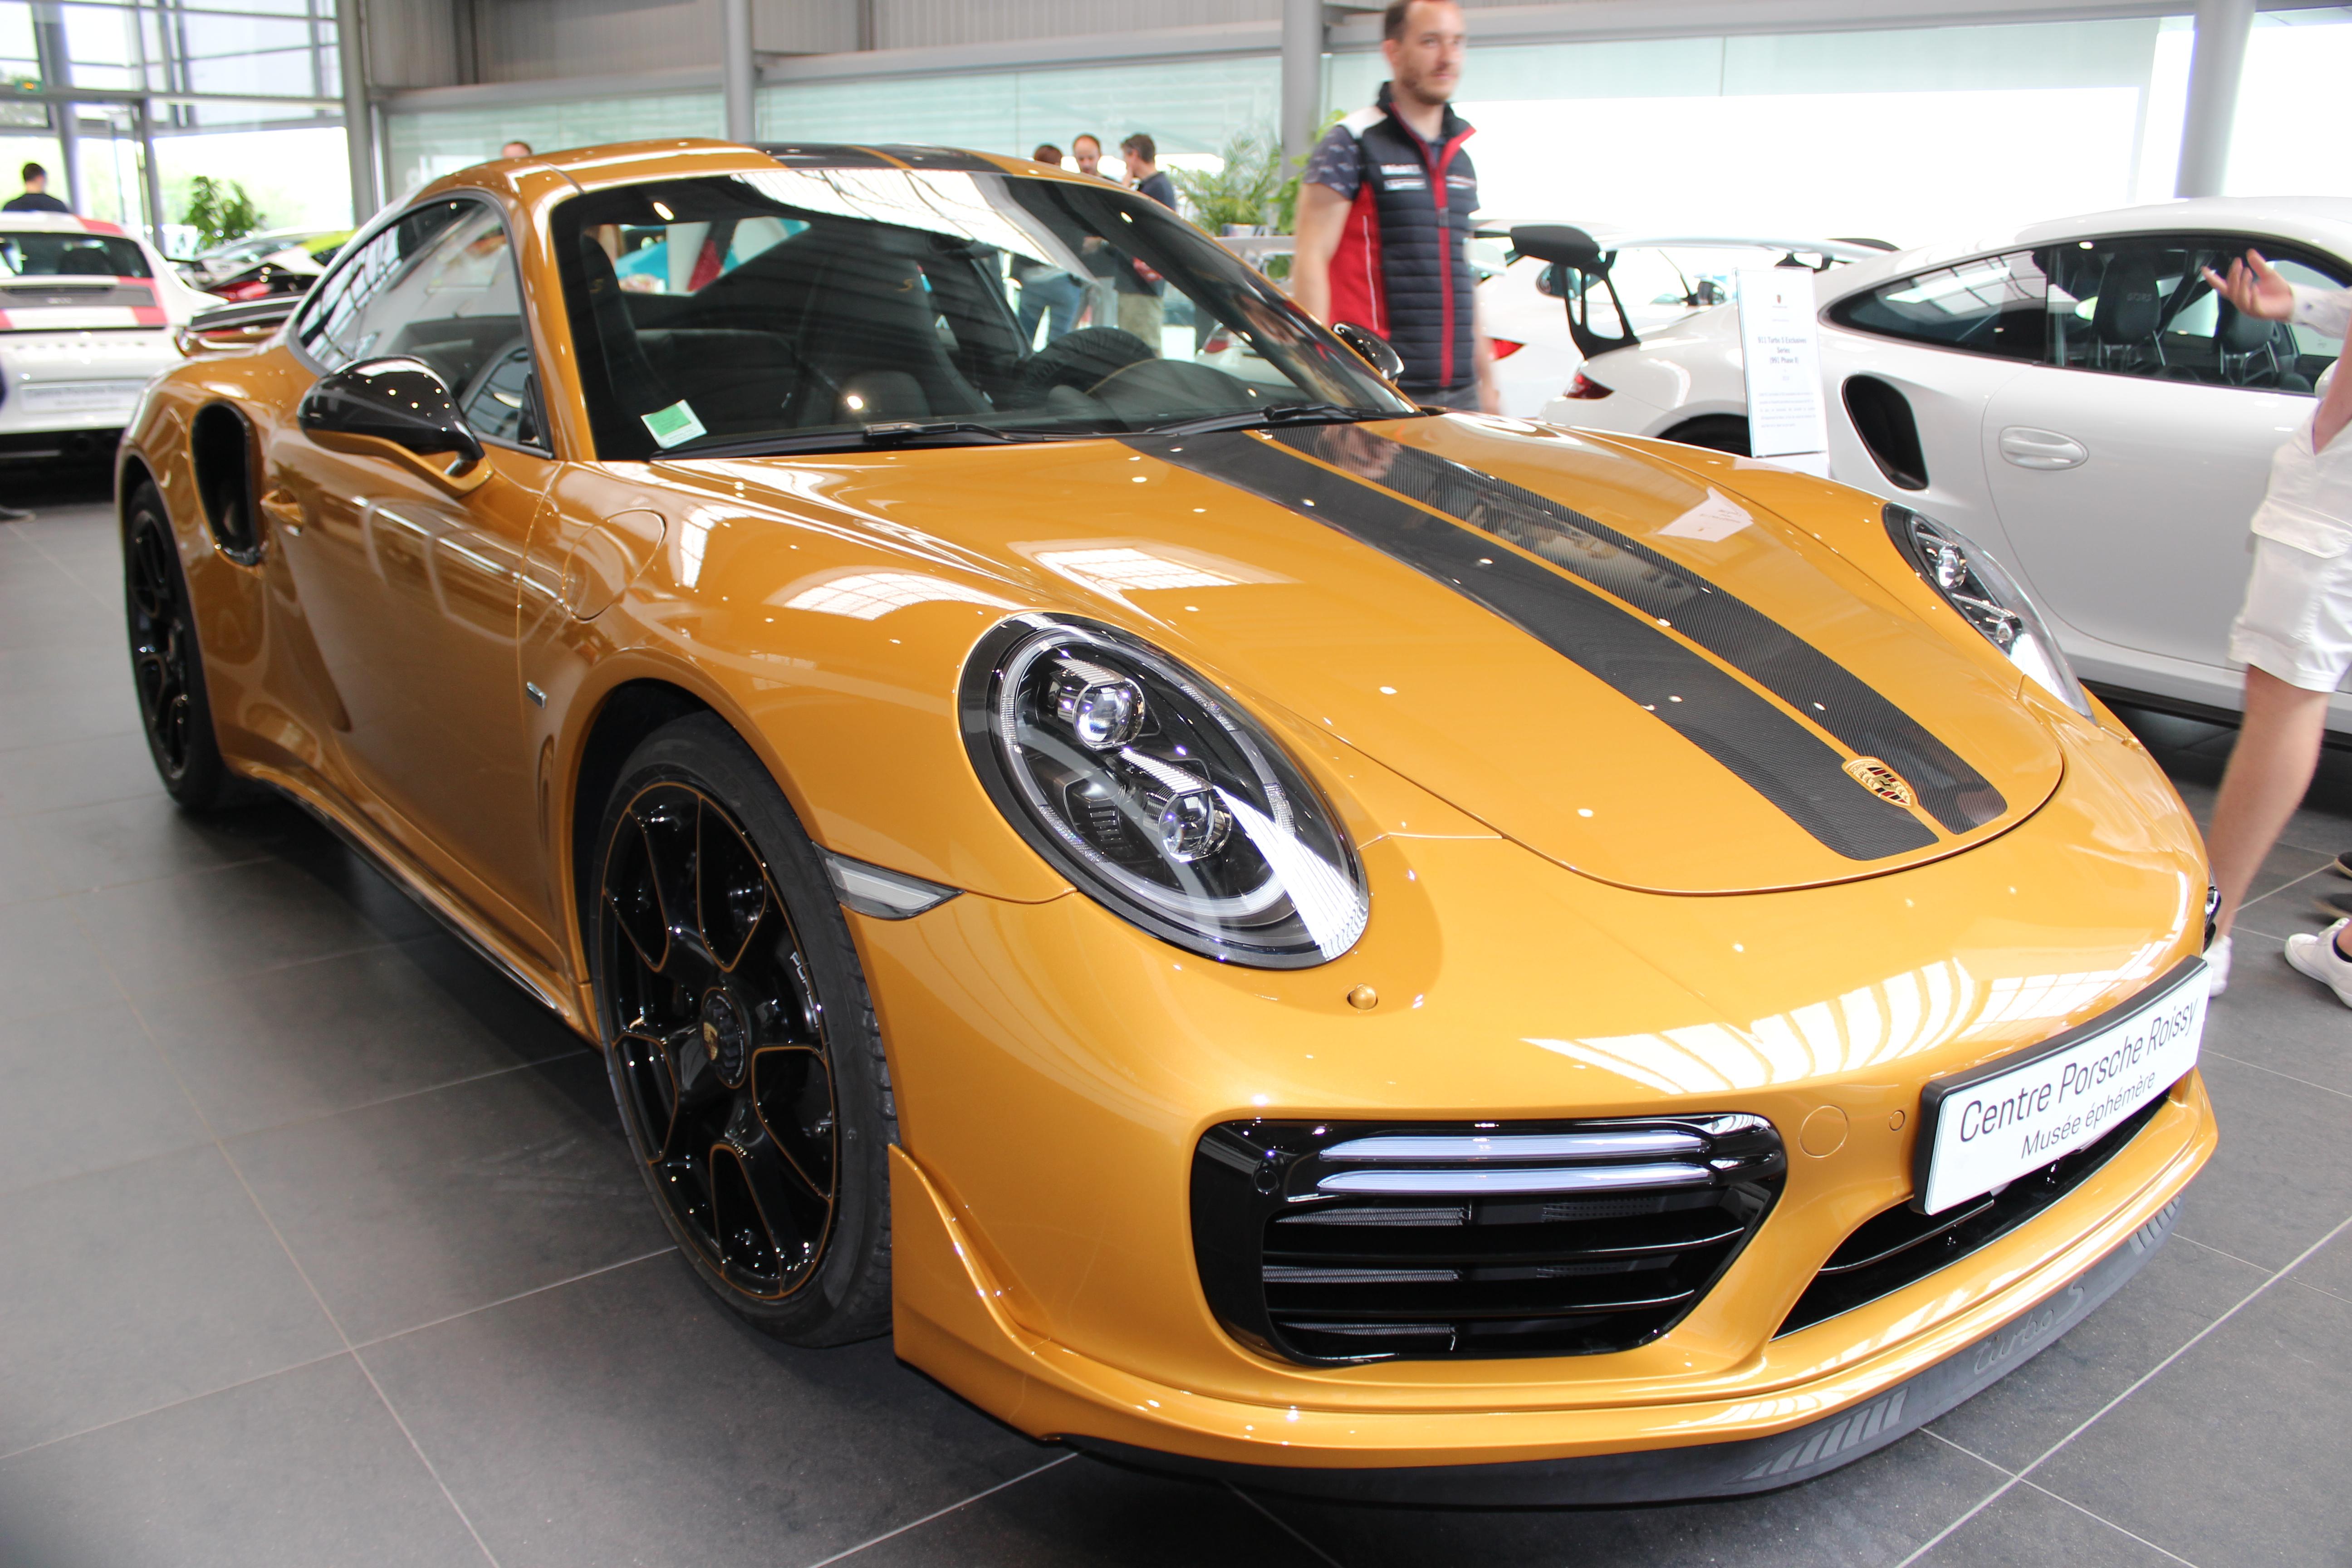 70 Ans Centre Porsche ROISSY Sonauto Img_6626